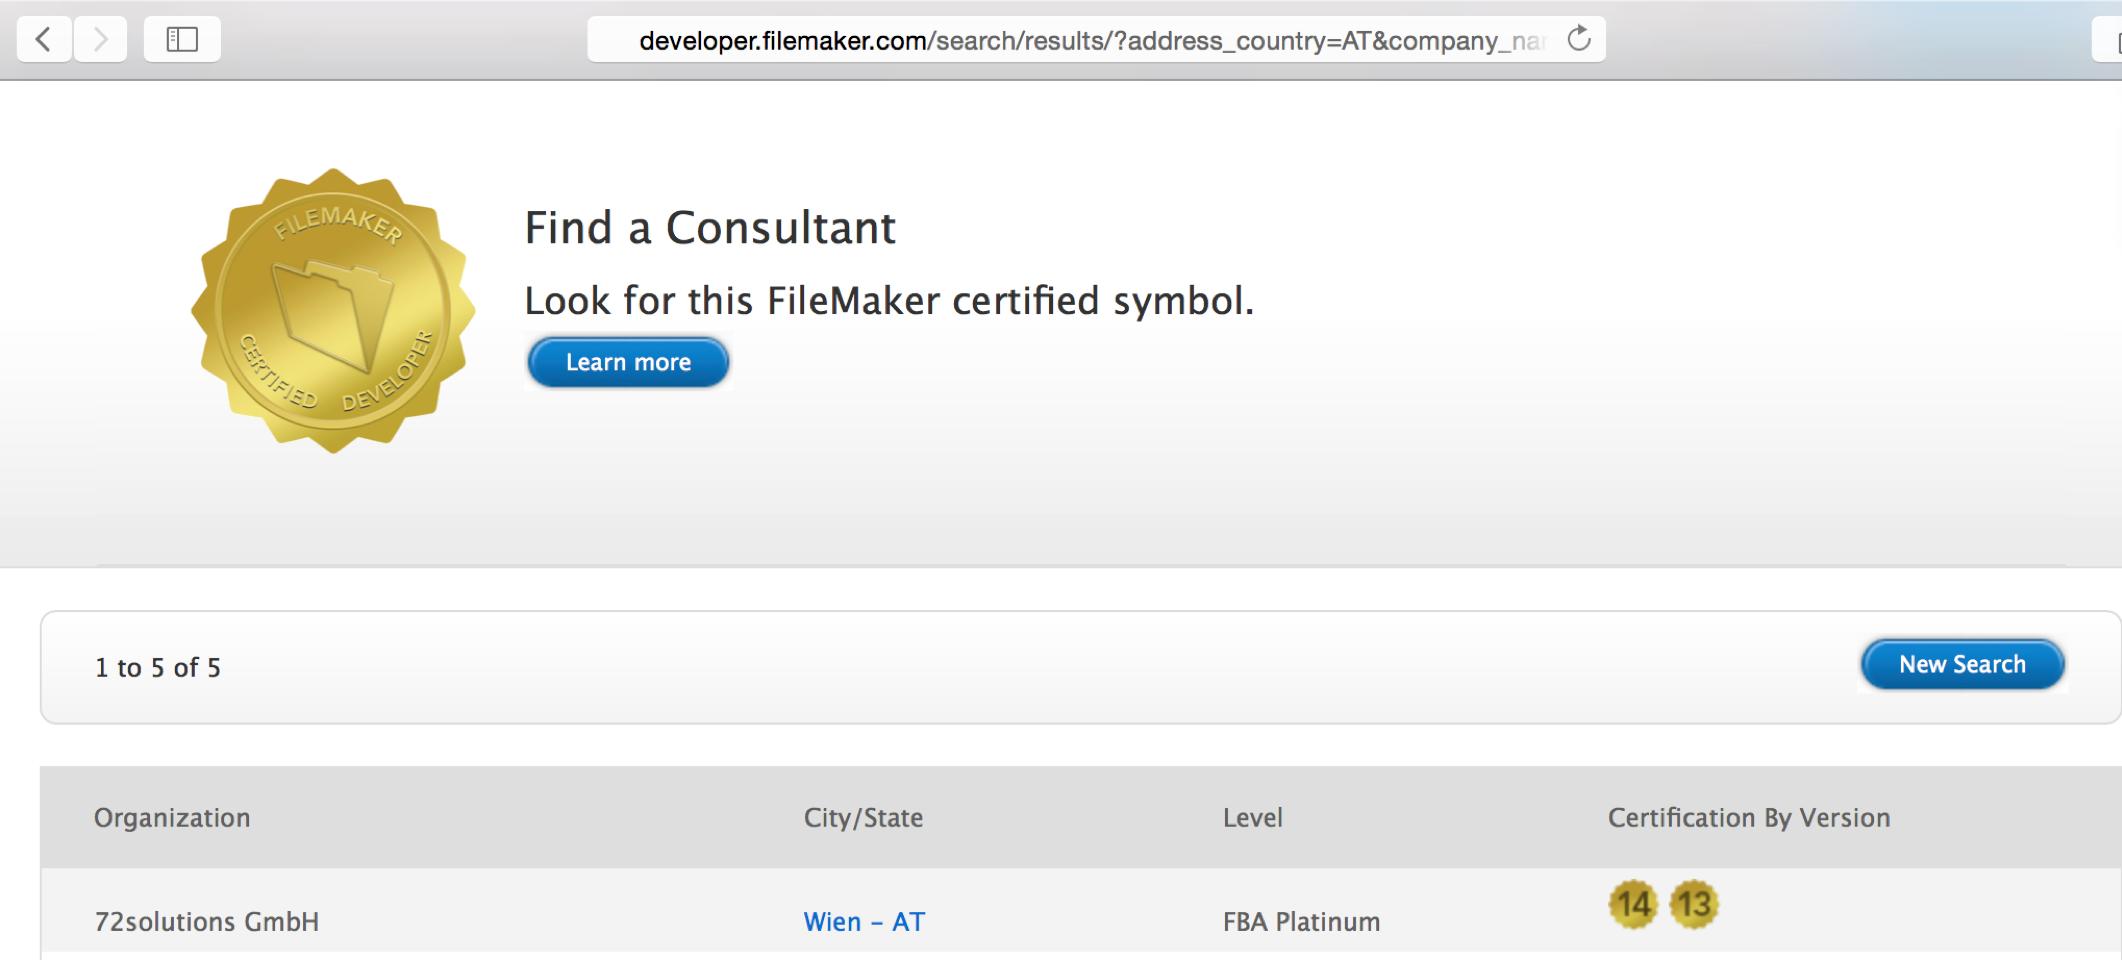 FileMaker 14 Zertifizierung | 72solutions